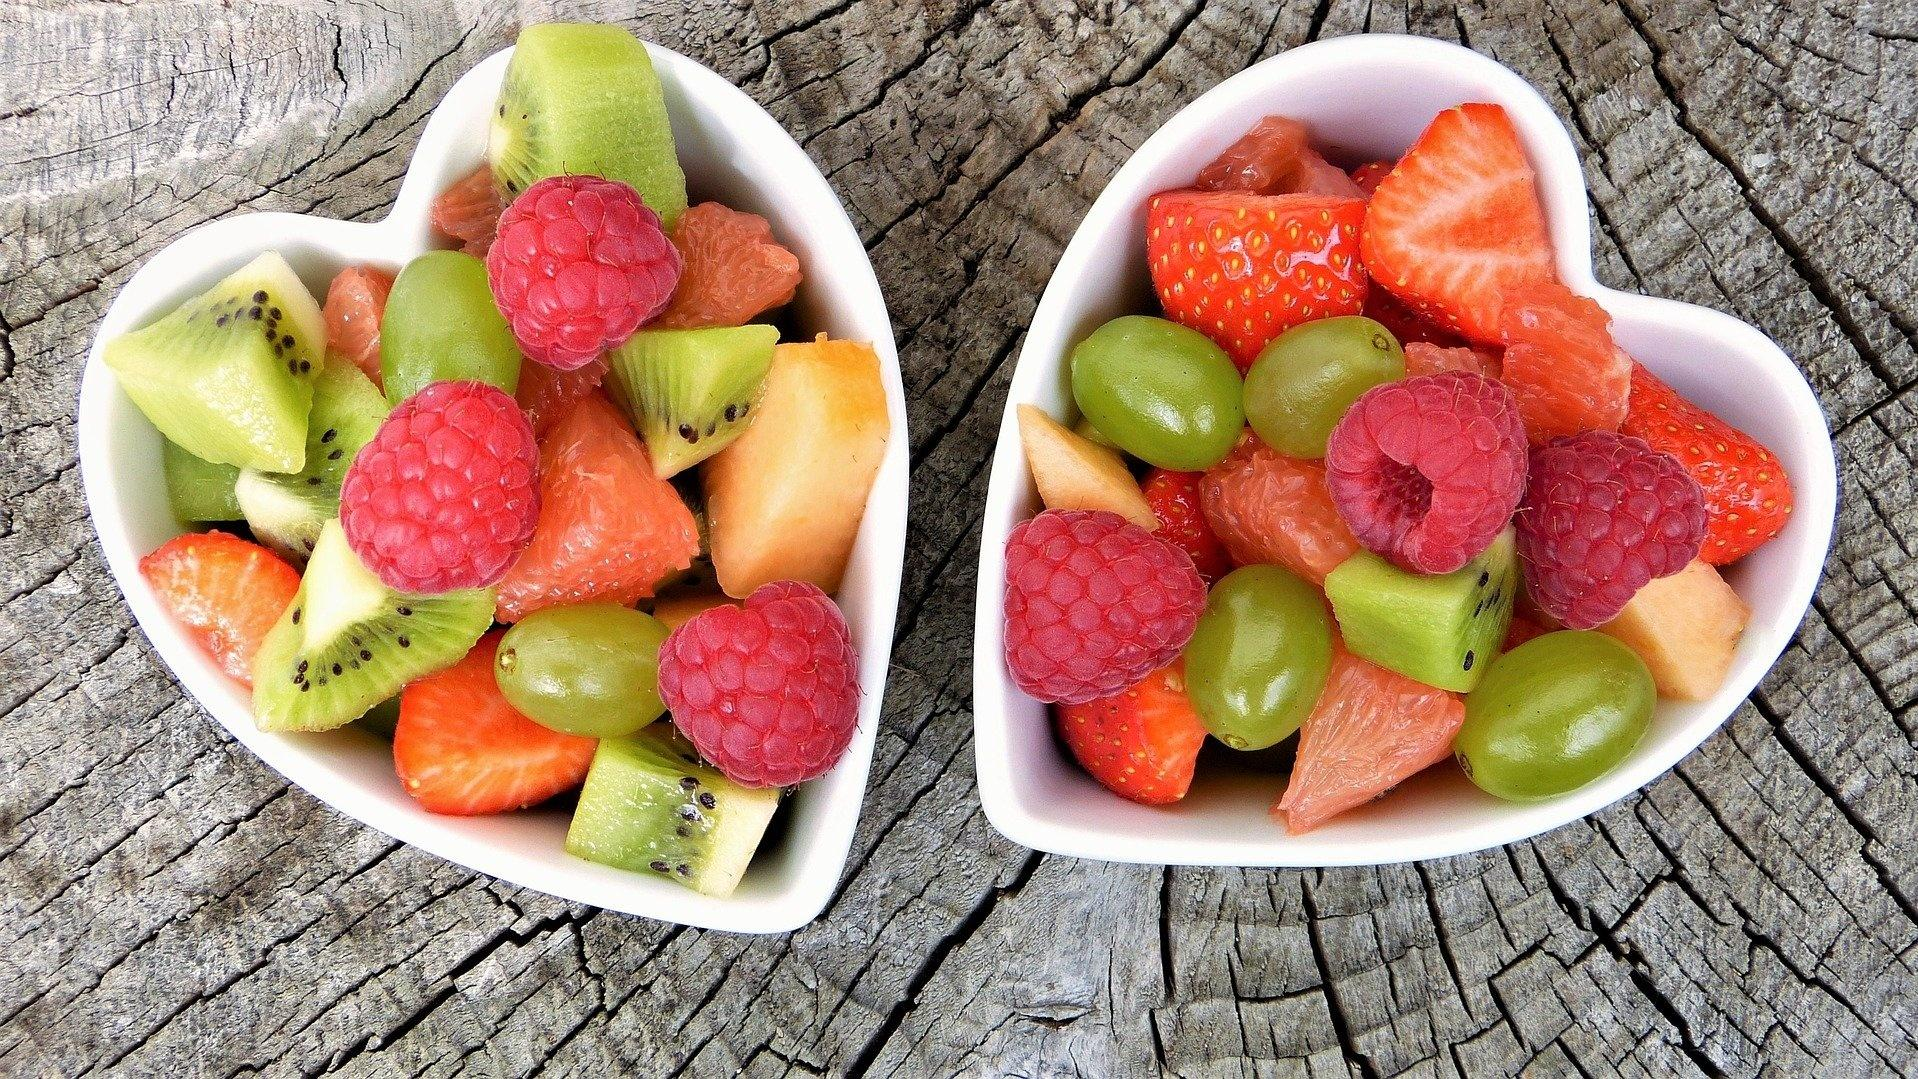 Essen Sie Ihr Obst mit Joghurt, um Ihren Zahnschmelz zu schützen.